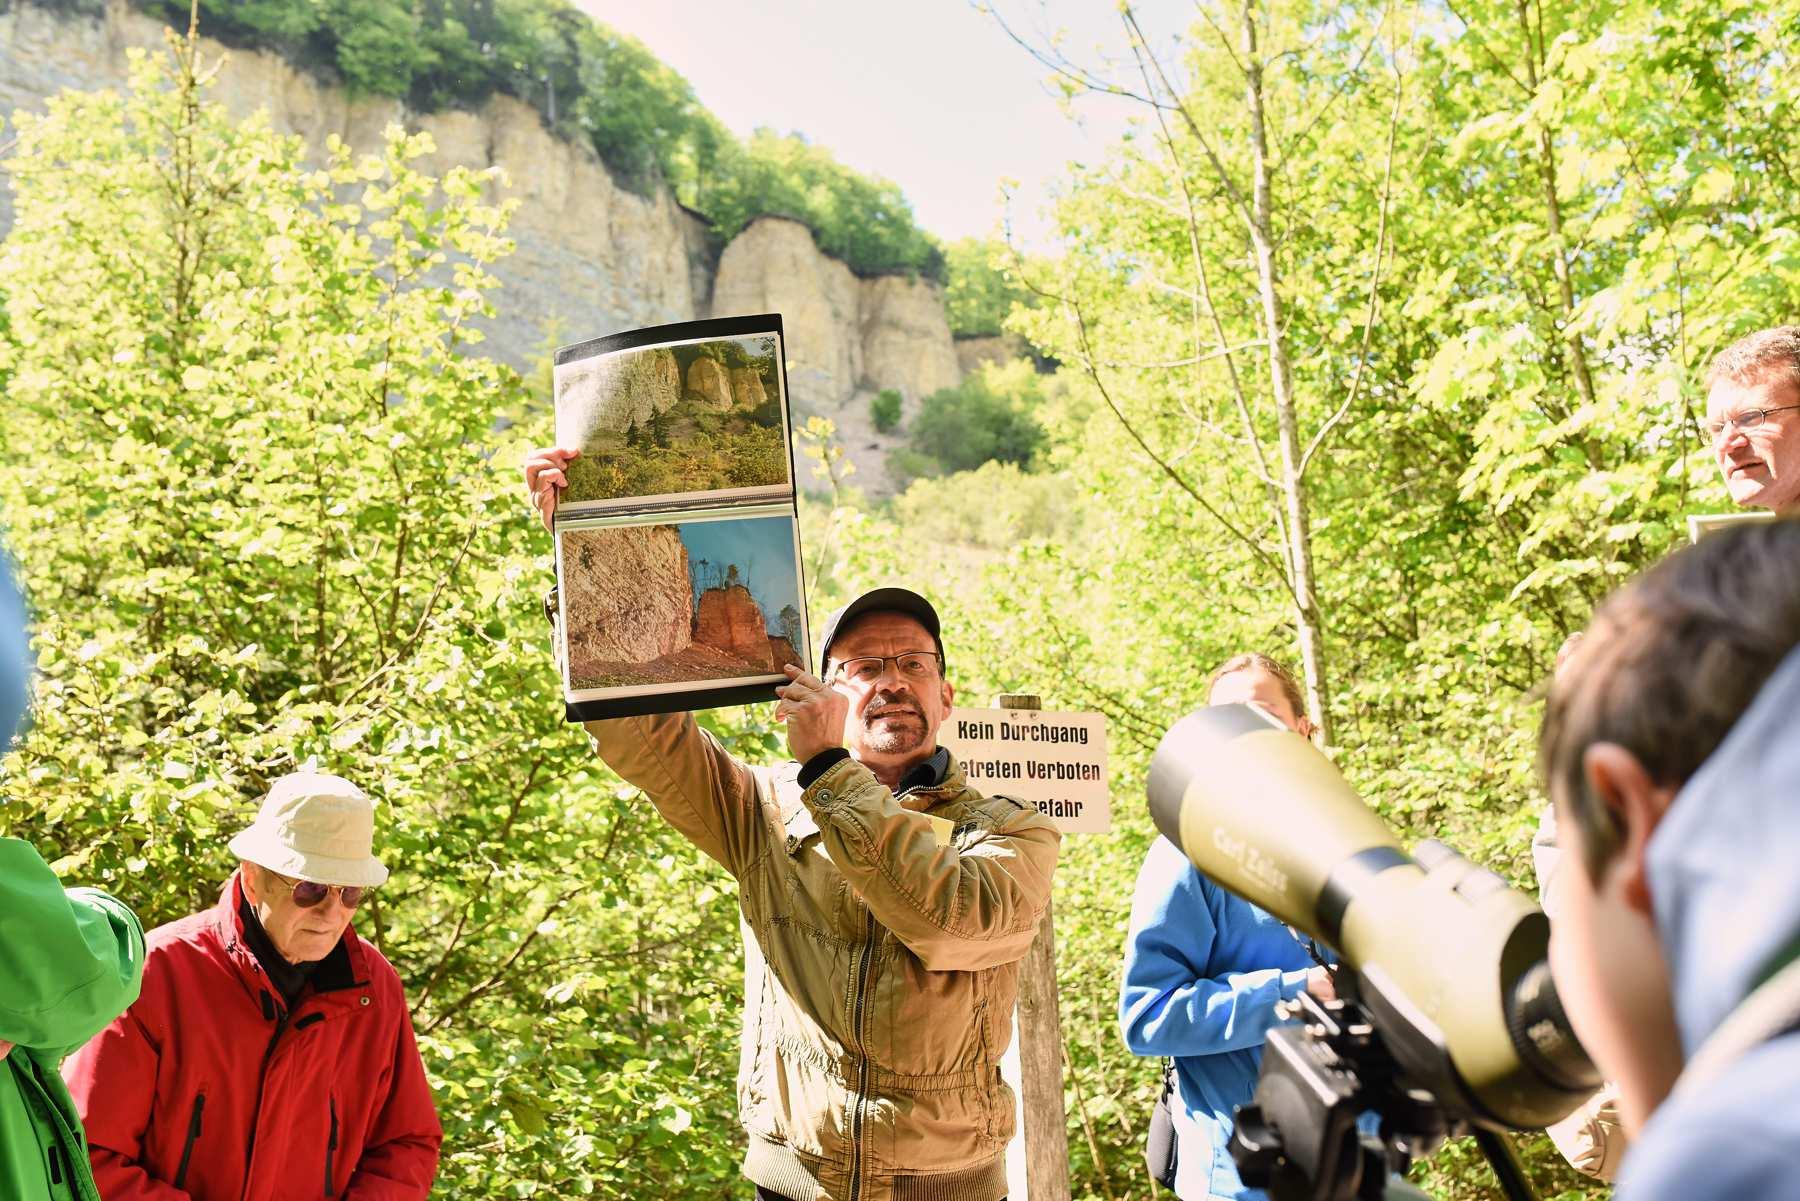 Bergrutschführung mit Armin Dieter